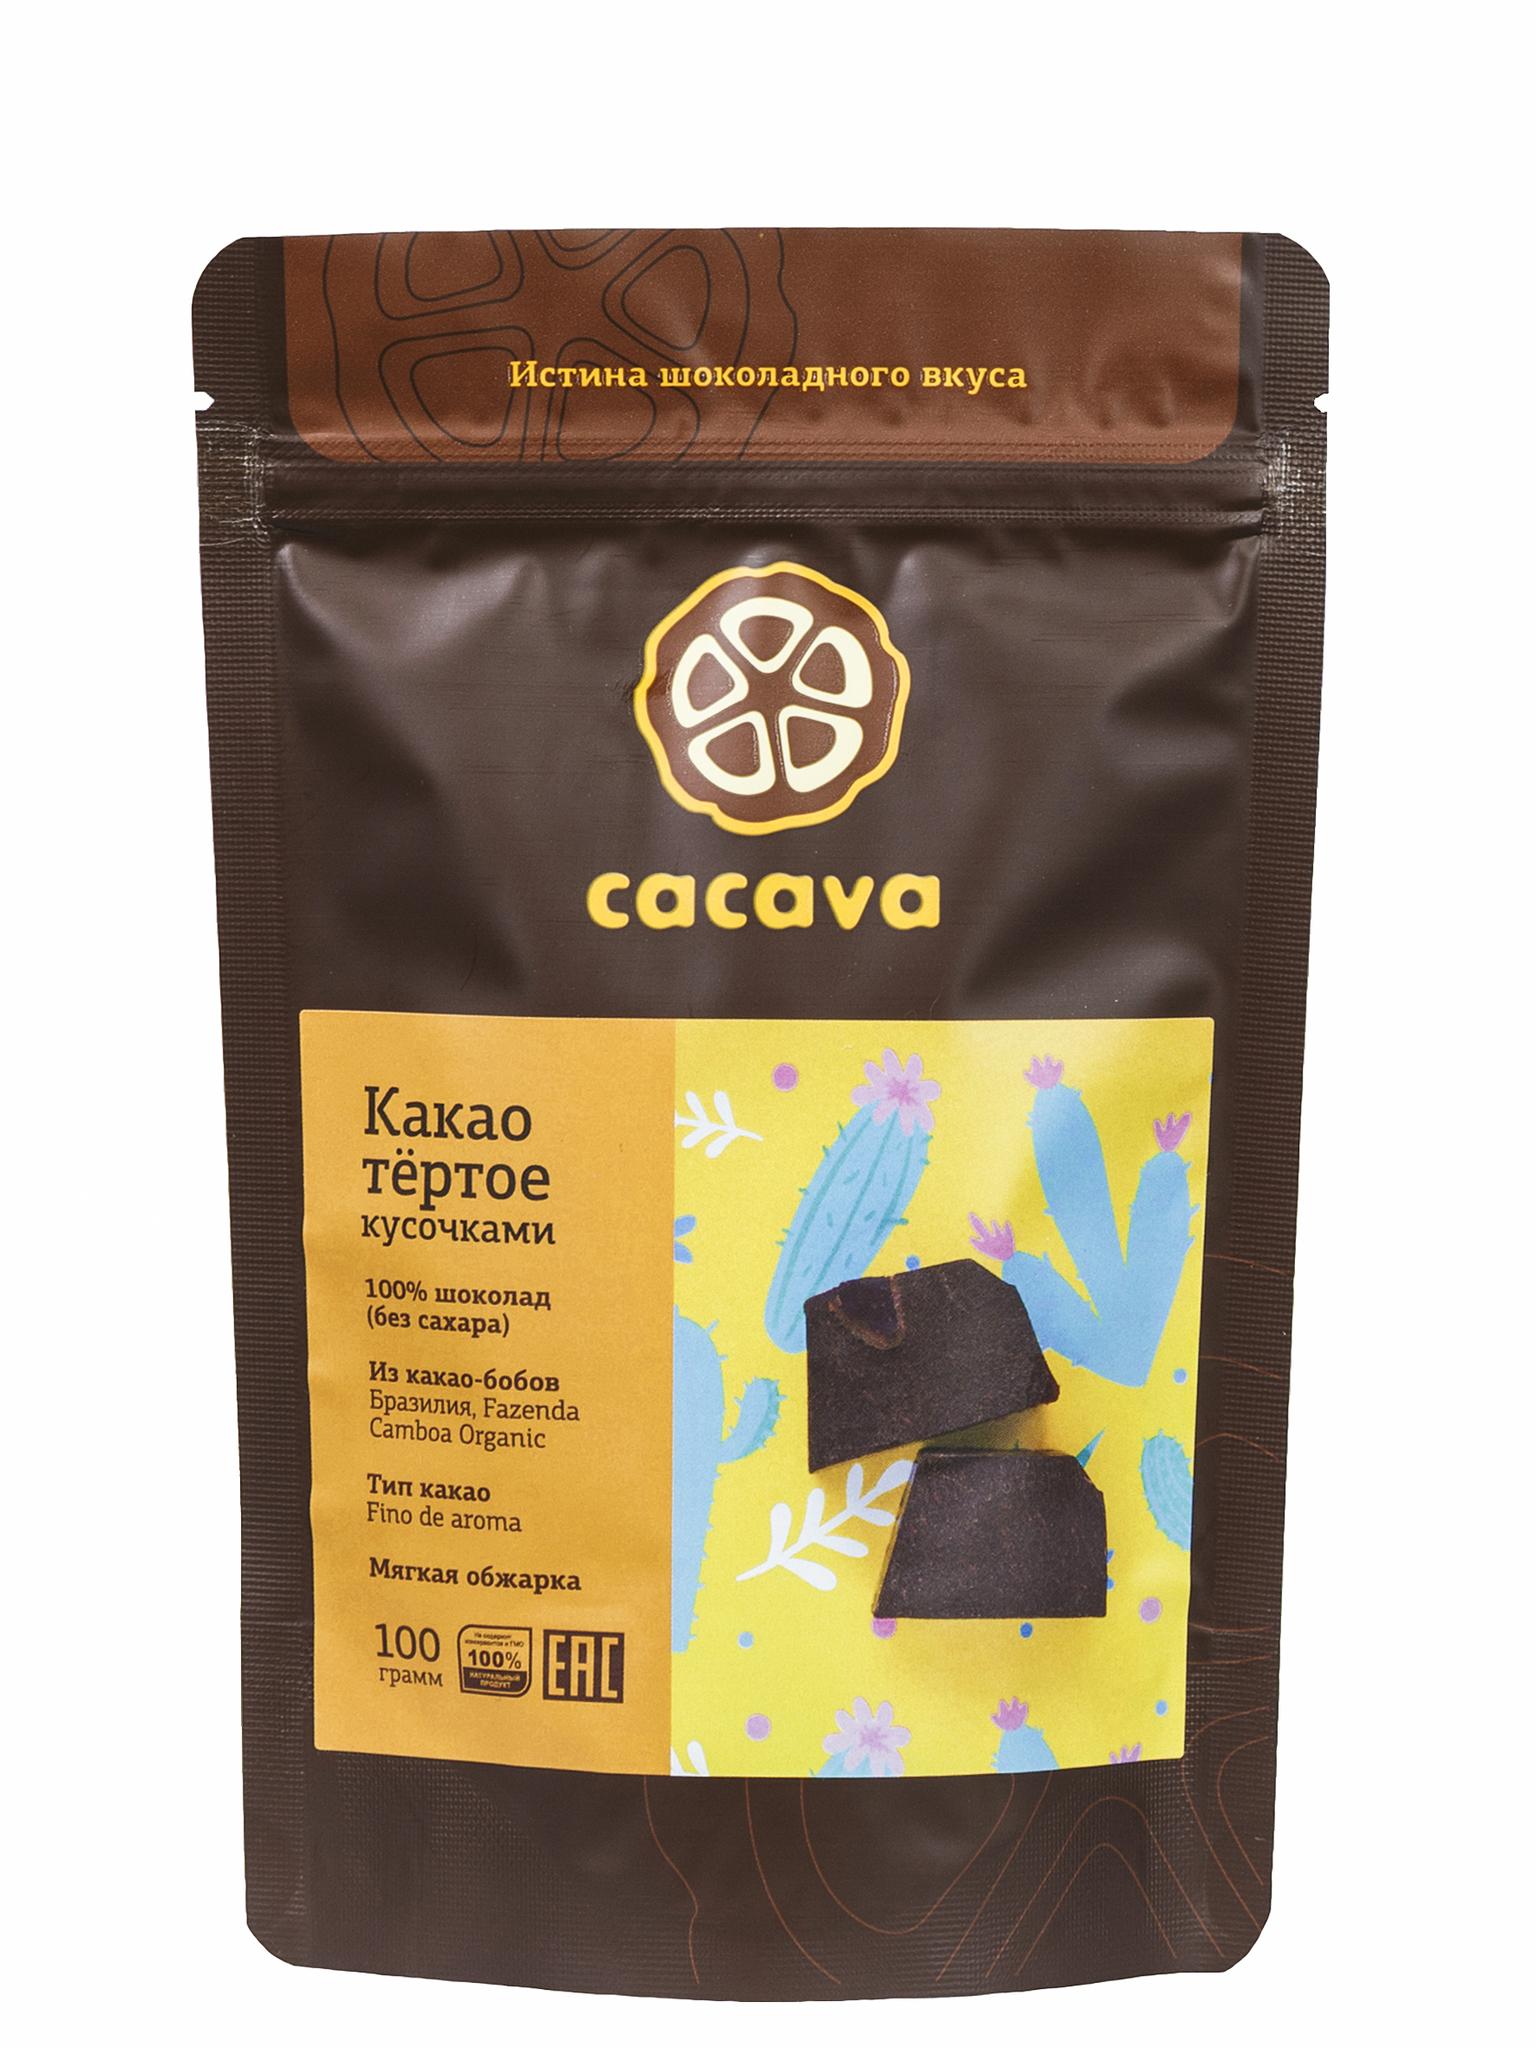 Какао тёртое кусочками (Бразилия, Fazenda Camboa), упаковка 100 грамм